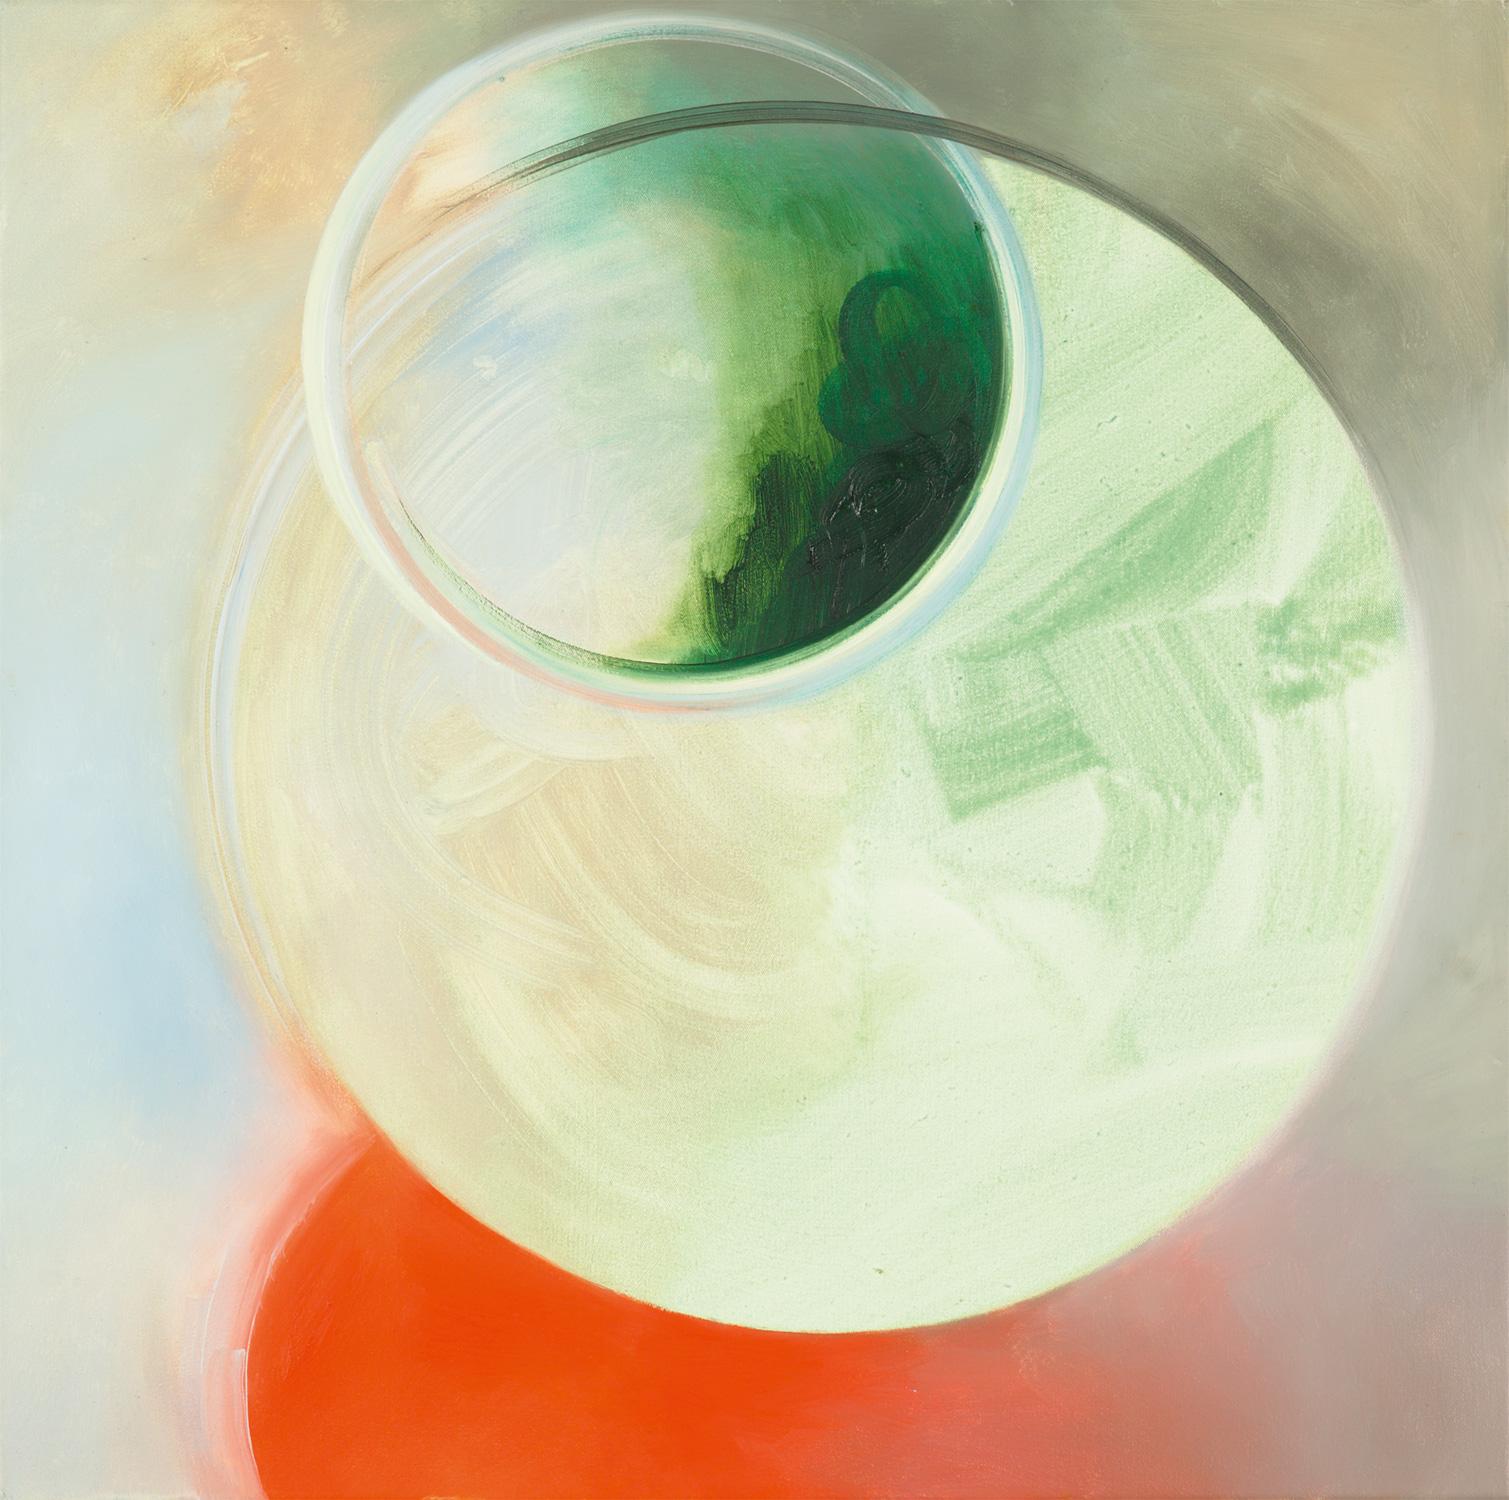 PARVULUS, Pigment und Öl auf Leinwand, 60 x 60 cm